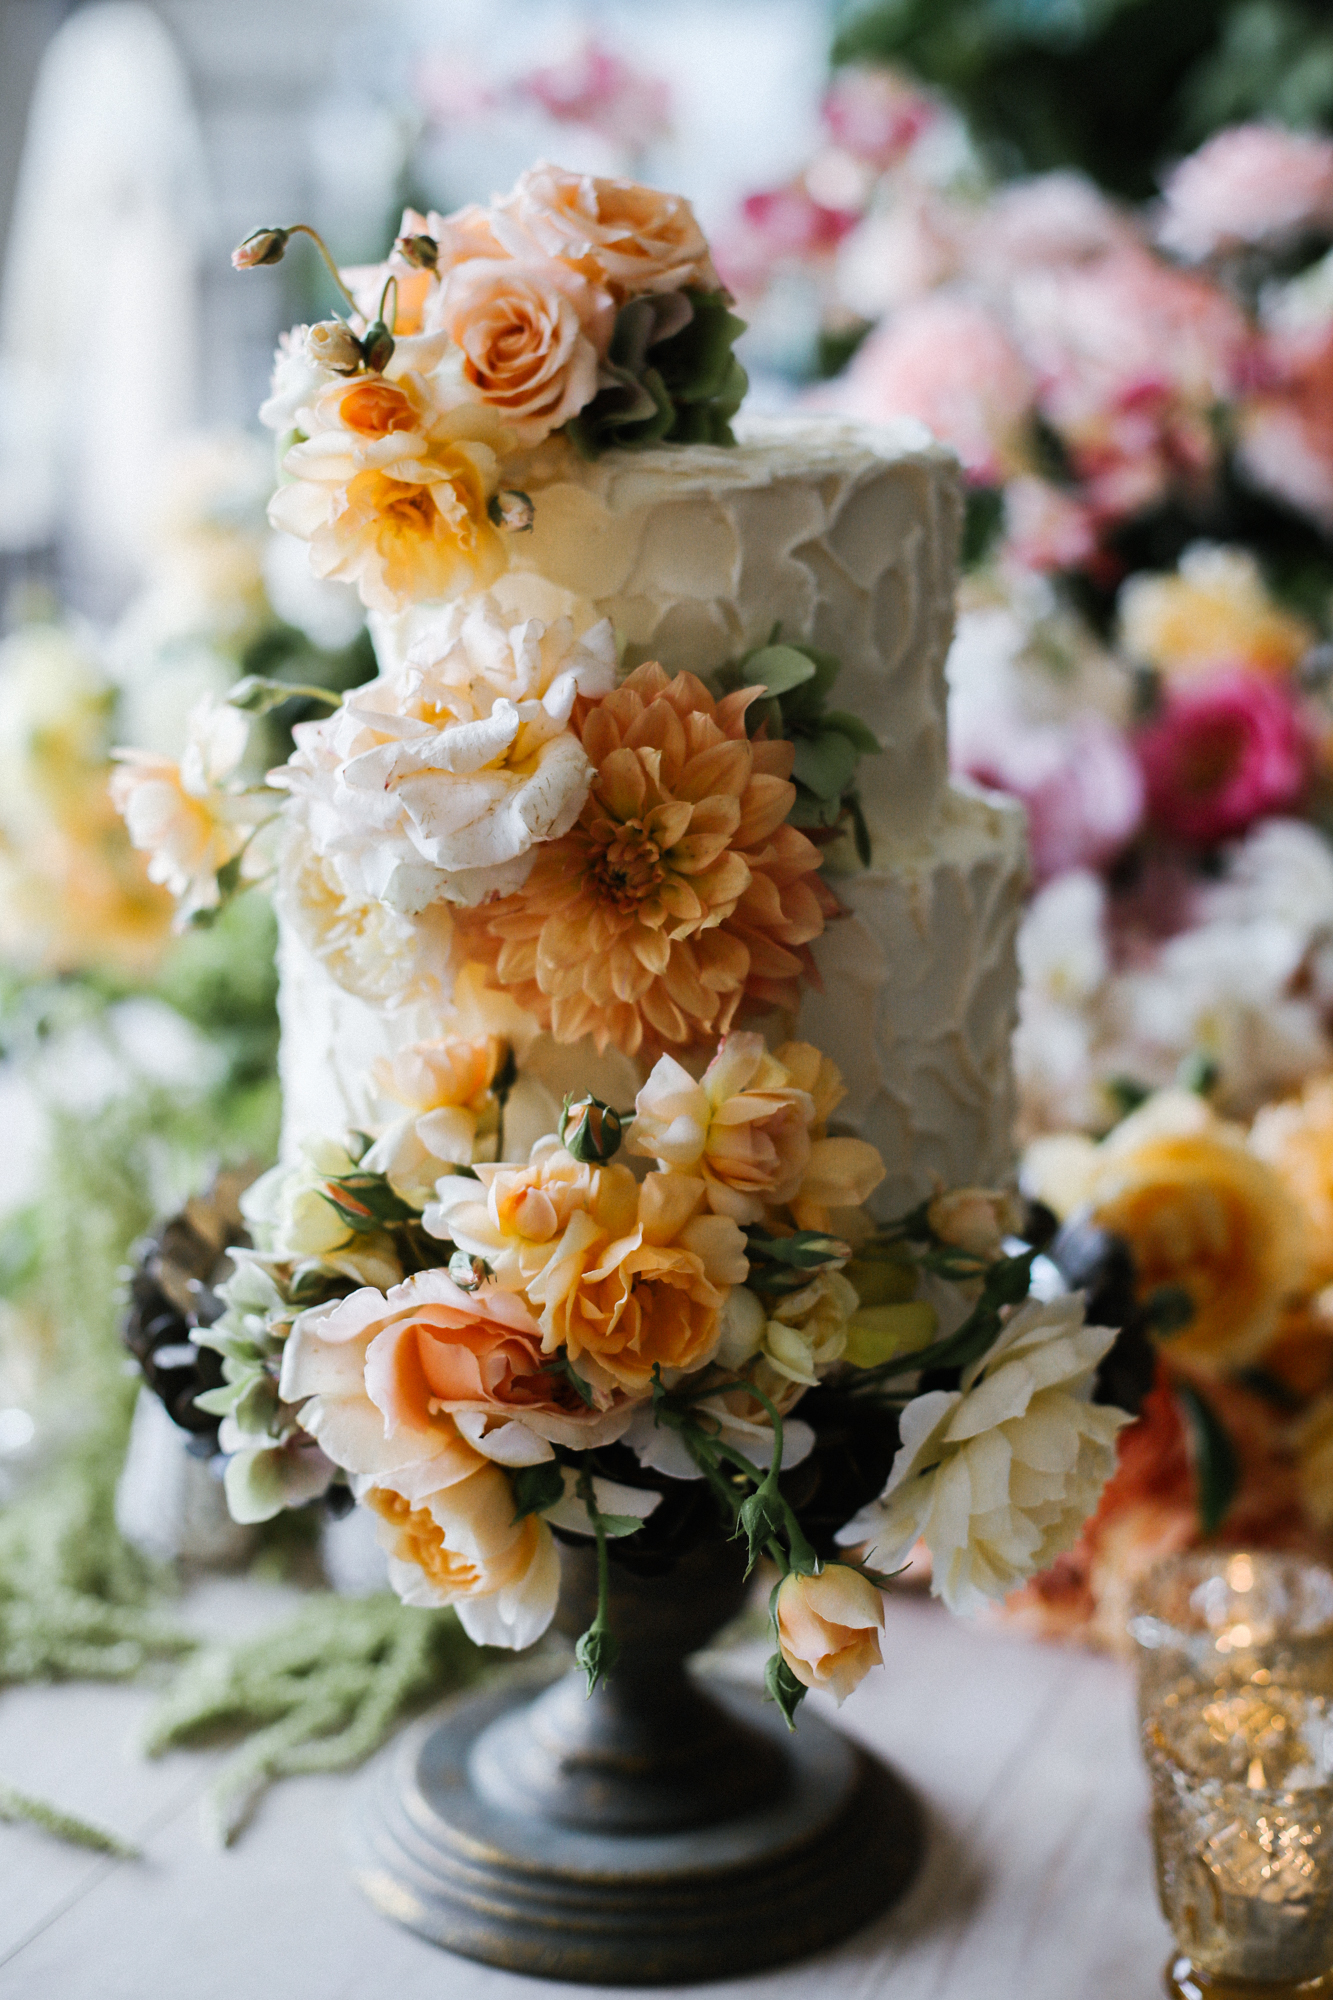 Flowers in a Vase-172.jpg